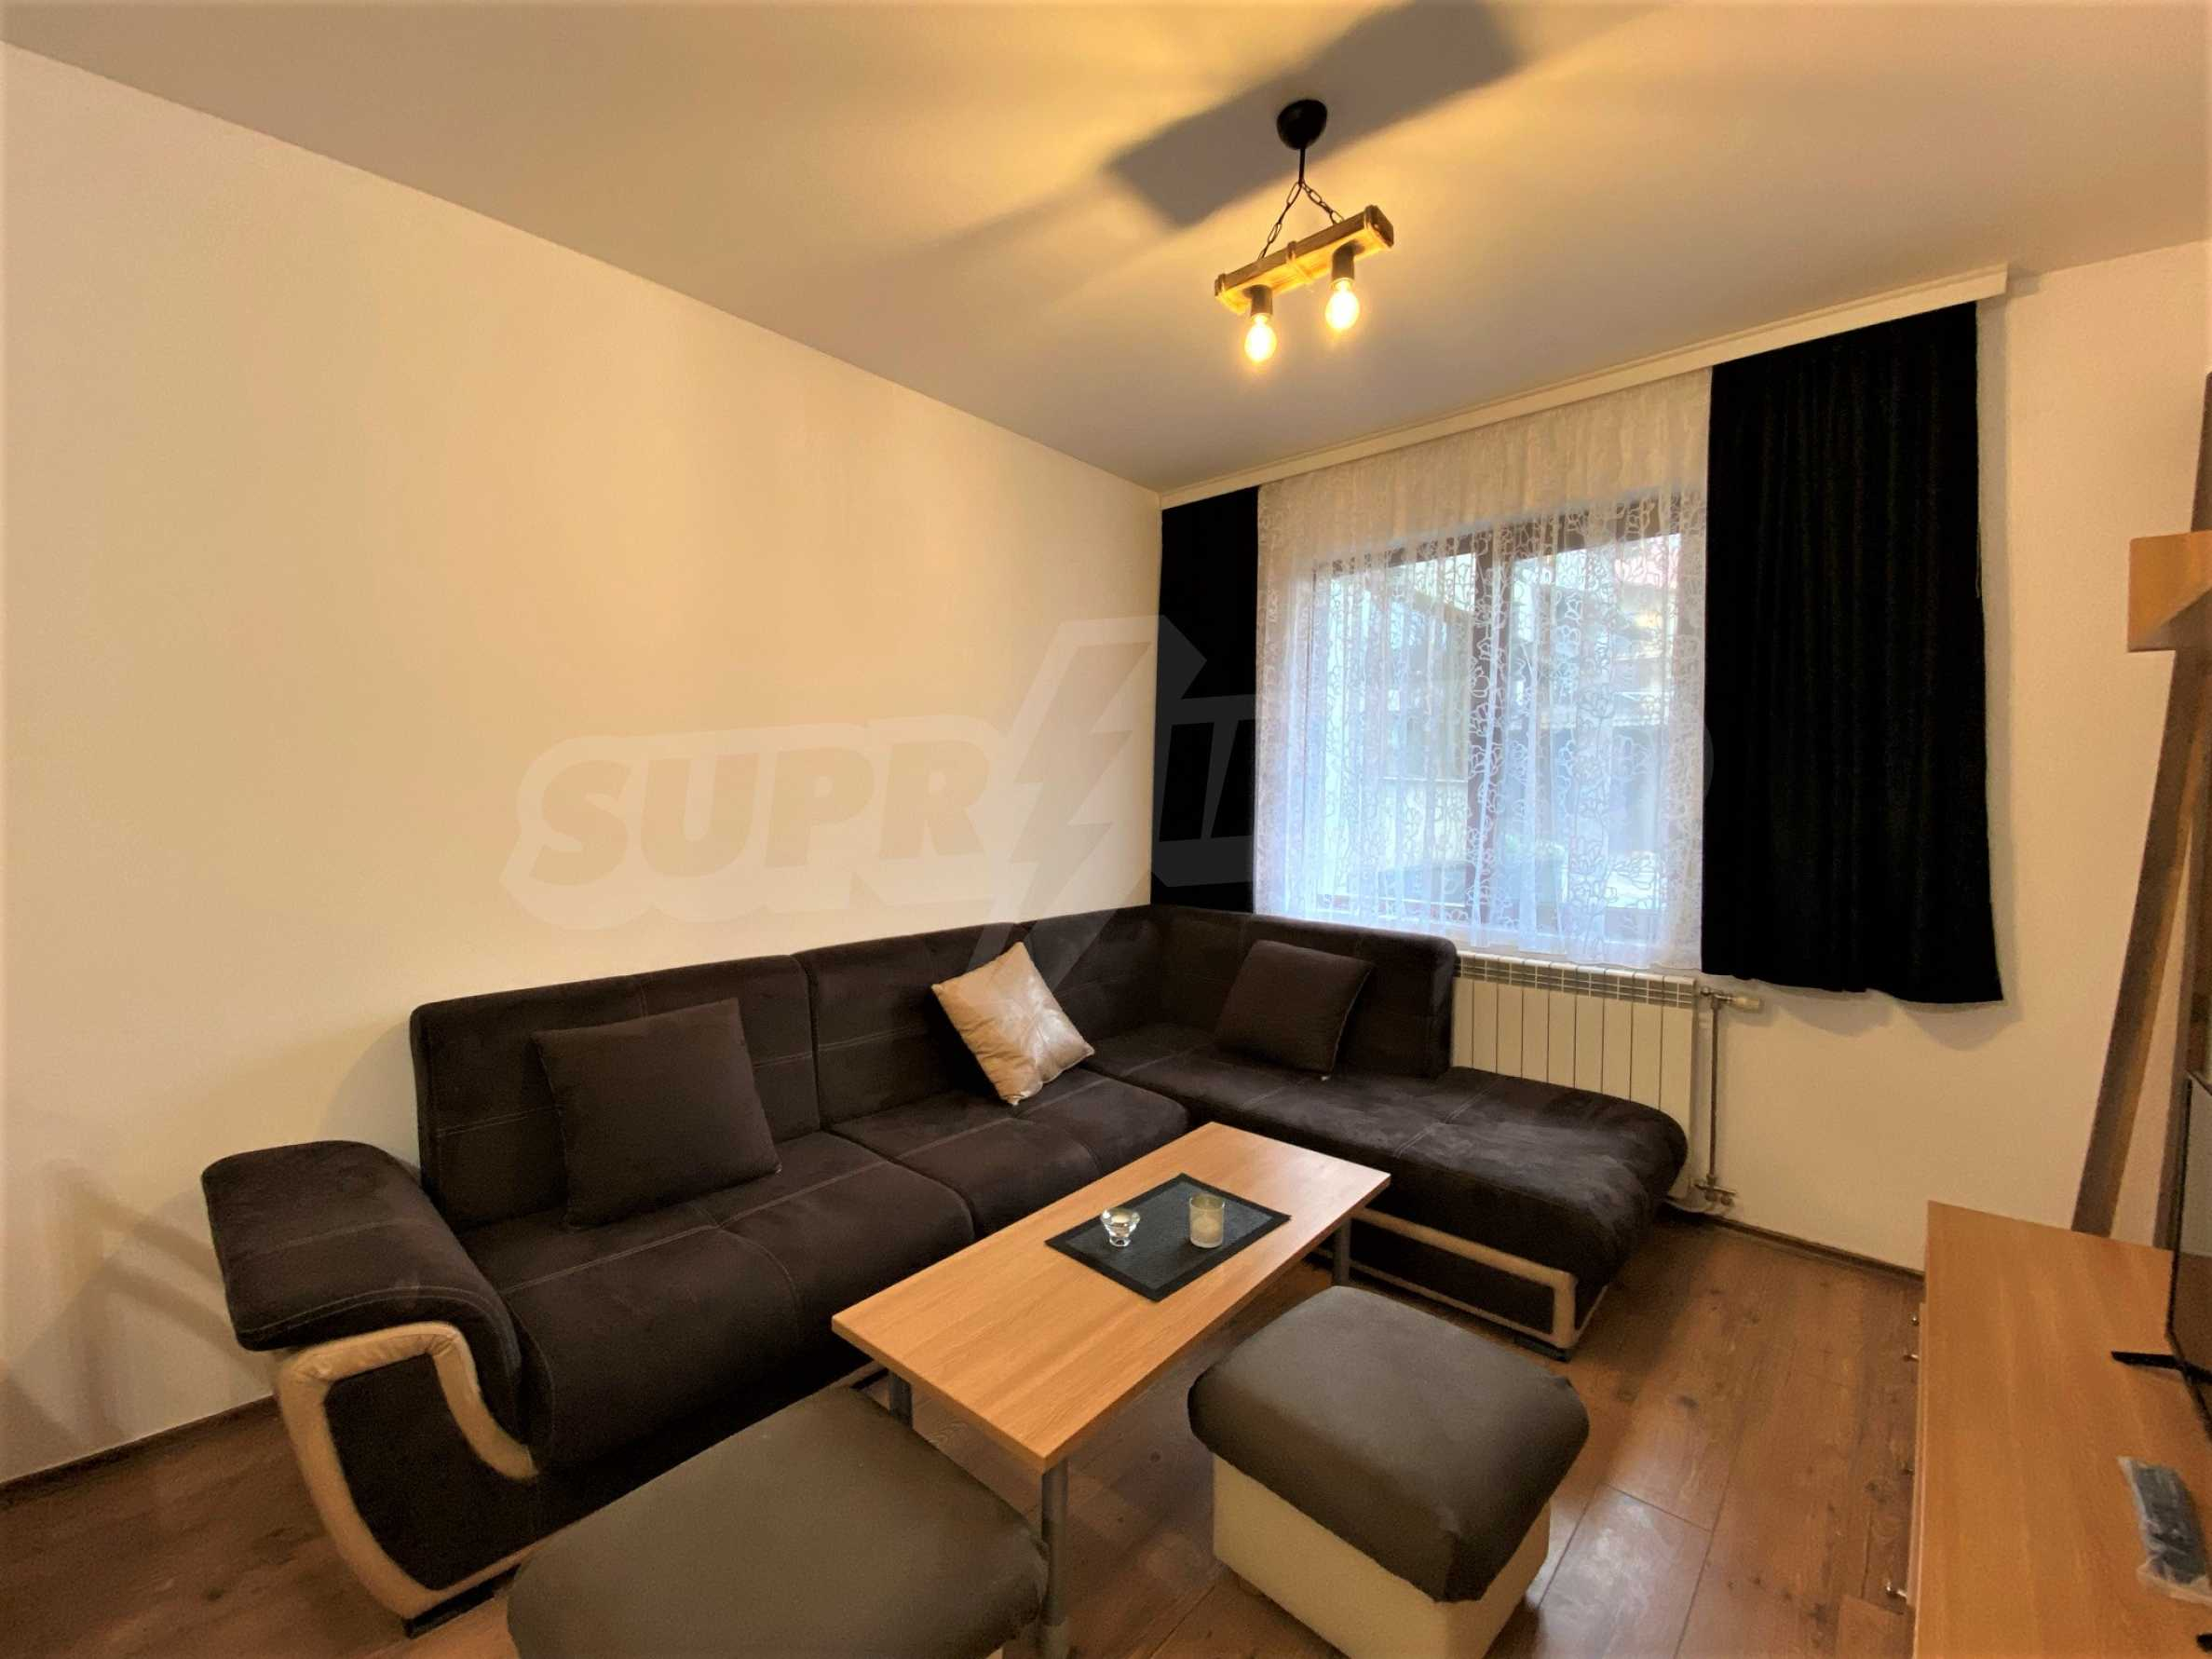 Apartment mit zwei Schlafzimmern zum Verkauf in der Nähe des Skigebiets in Bansko 1